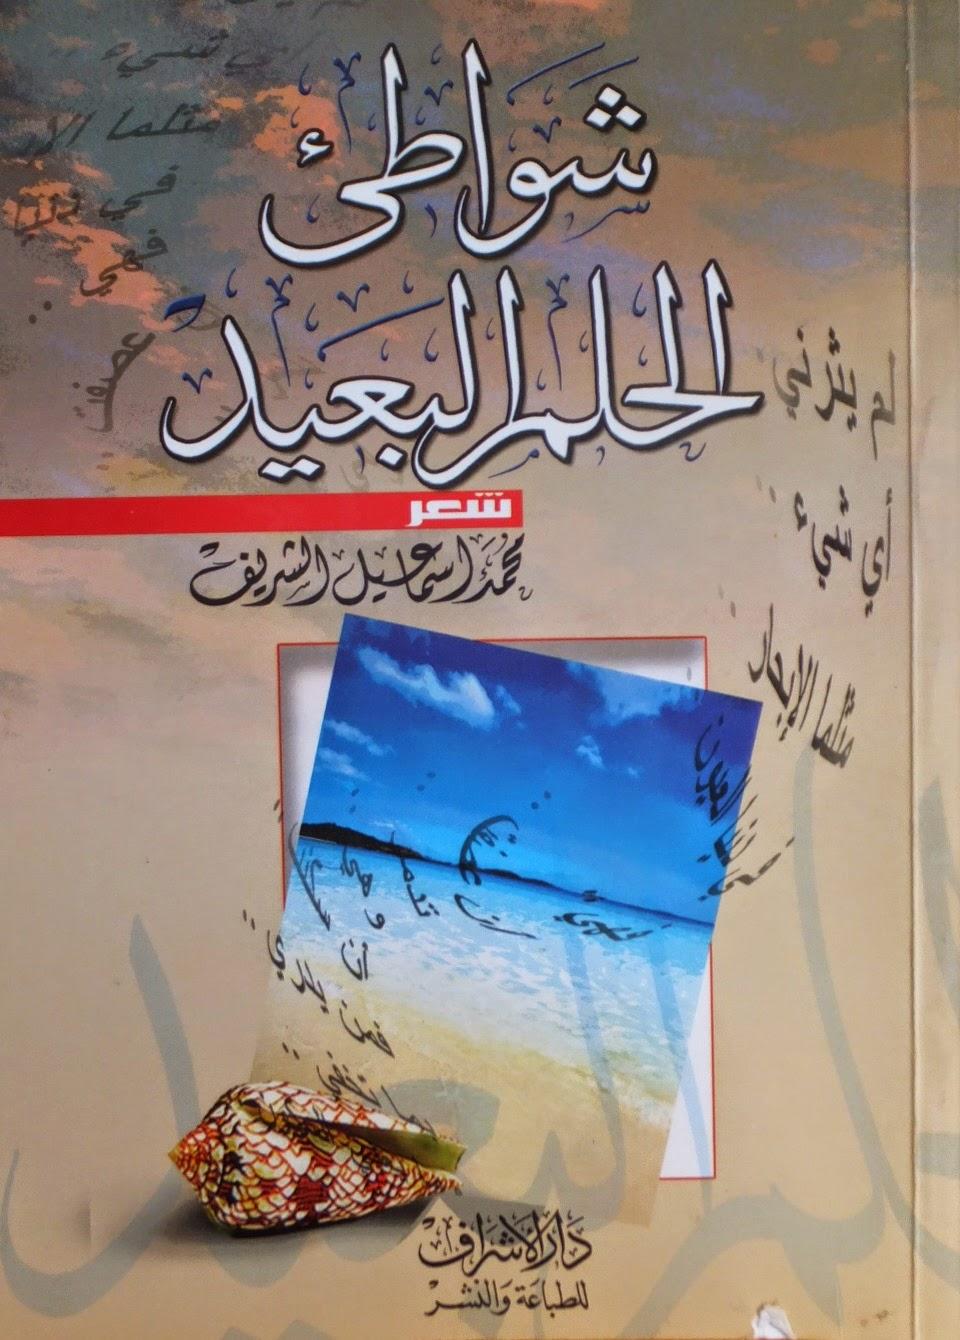 محمد اسماعيل الشريف